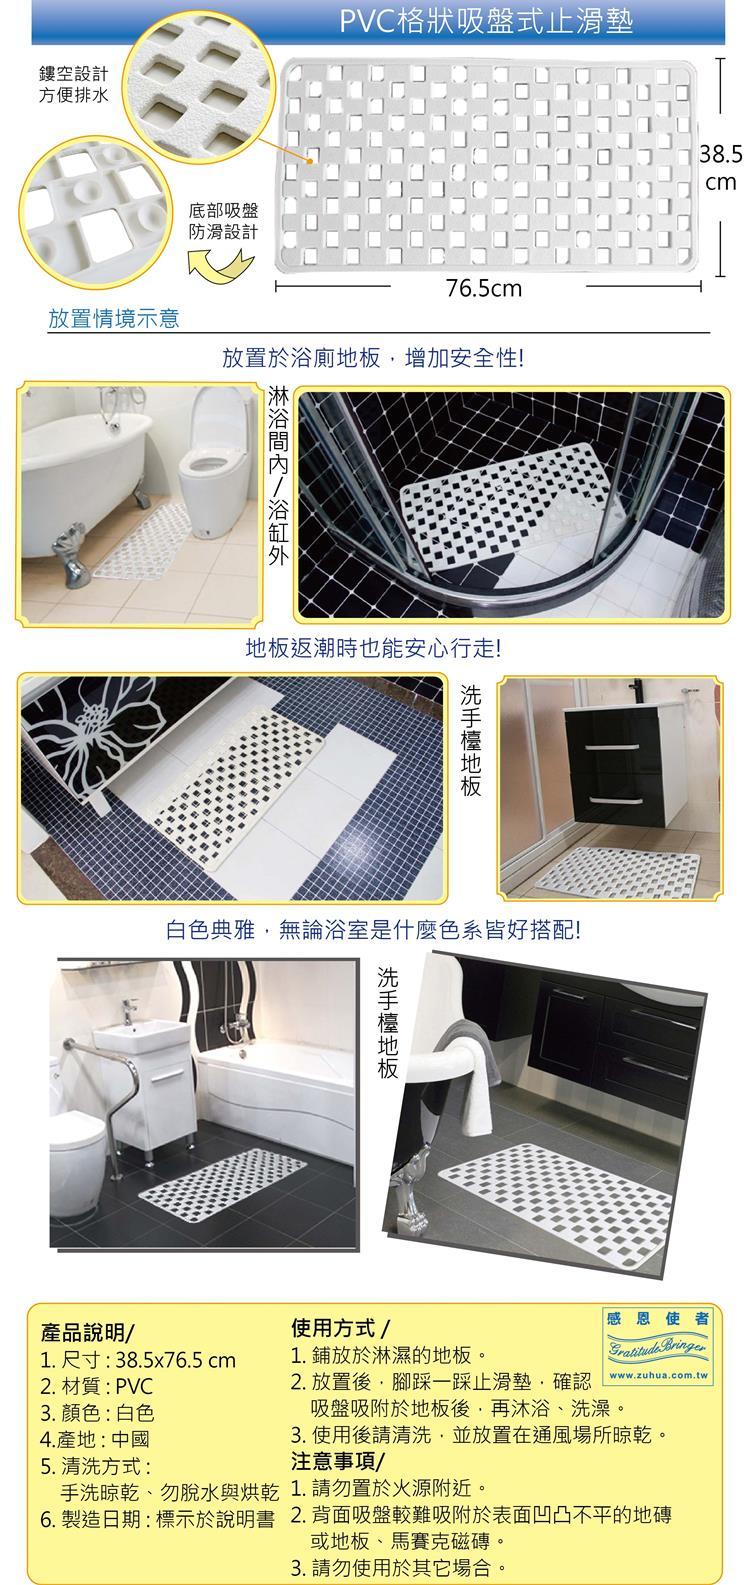 浴室安全,止滑墊、防滑墊,避免老人家滑倒,排水止滑墊